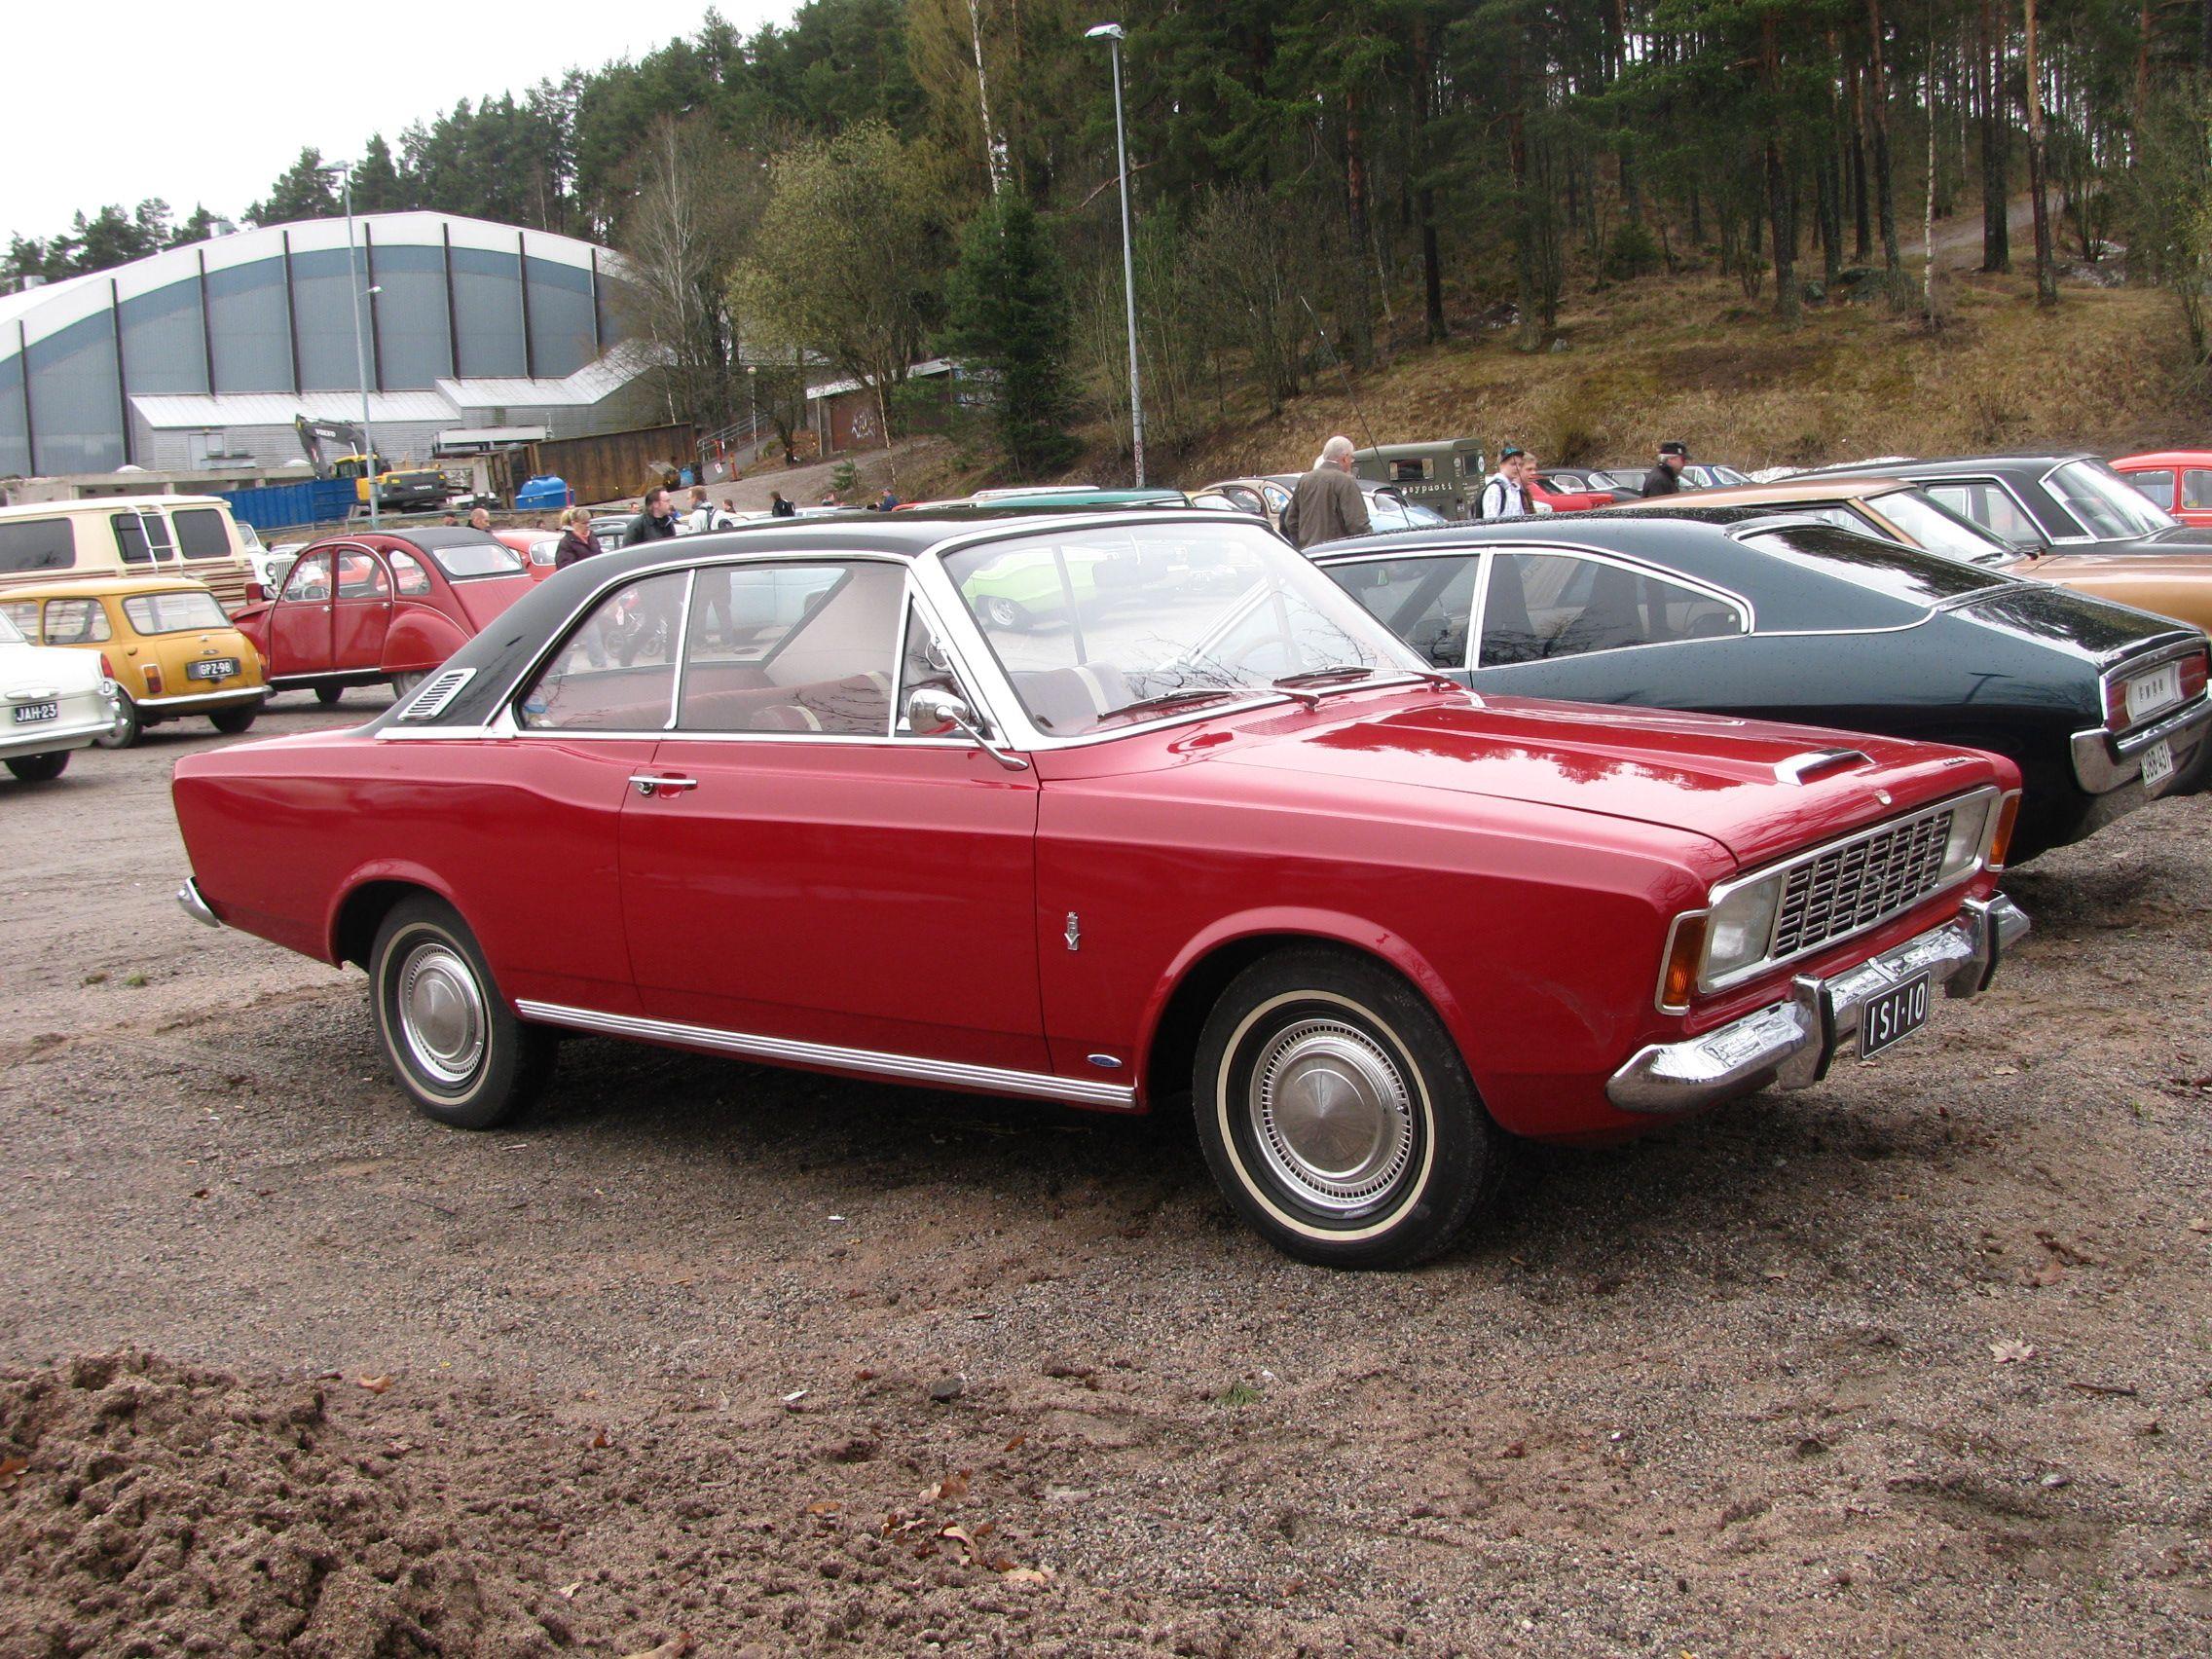 Pin Von Caddy Lincoln Auf Ford Taunus Alte Autos Oldtimer Autos Oldtimer